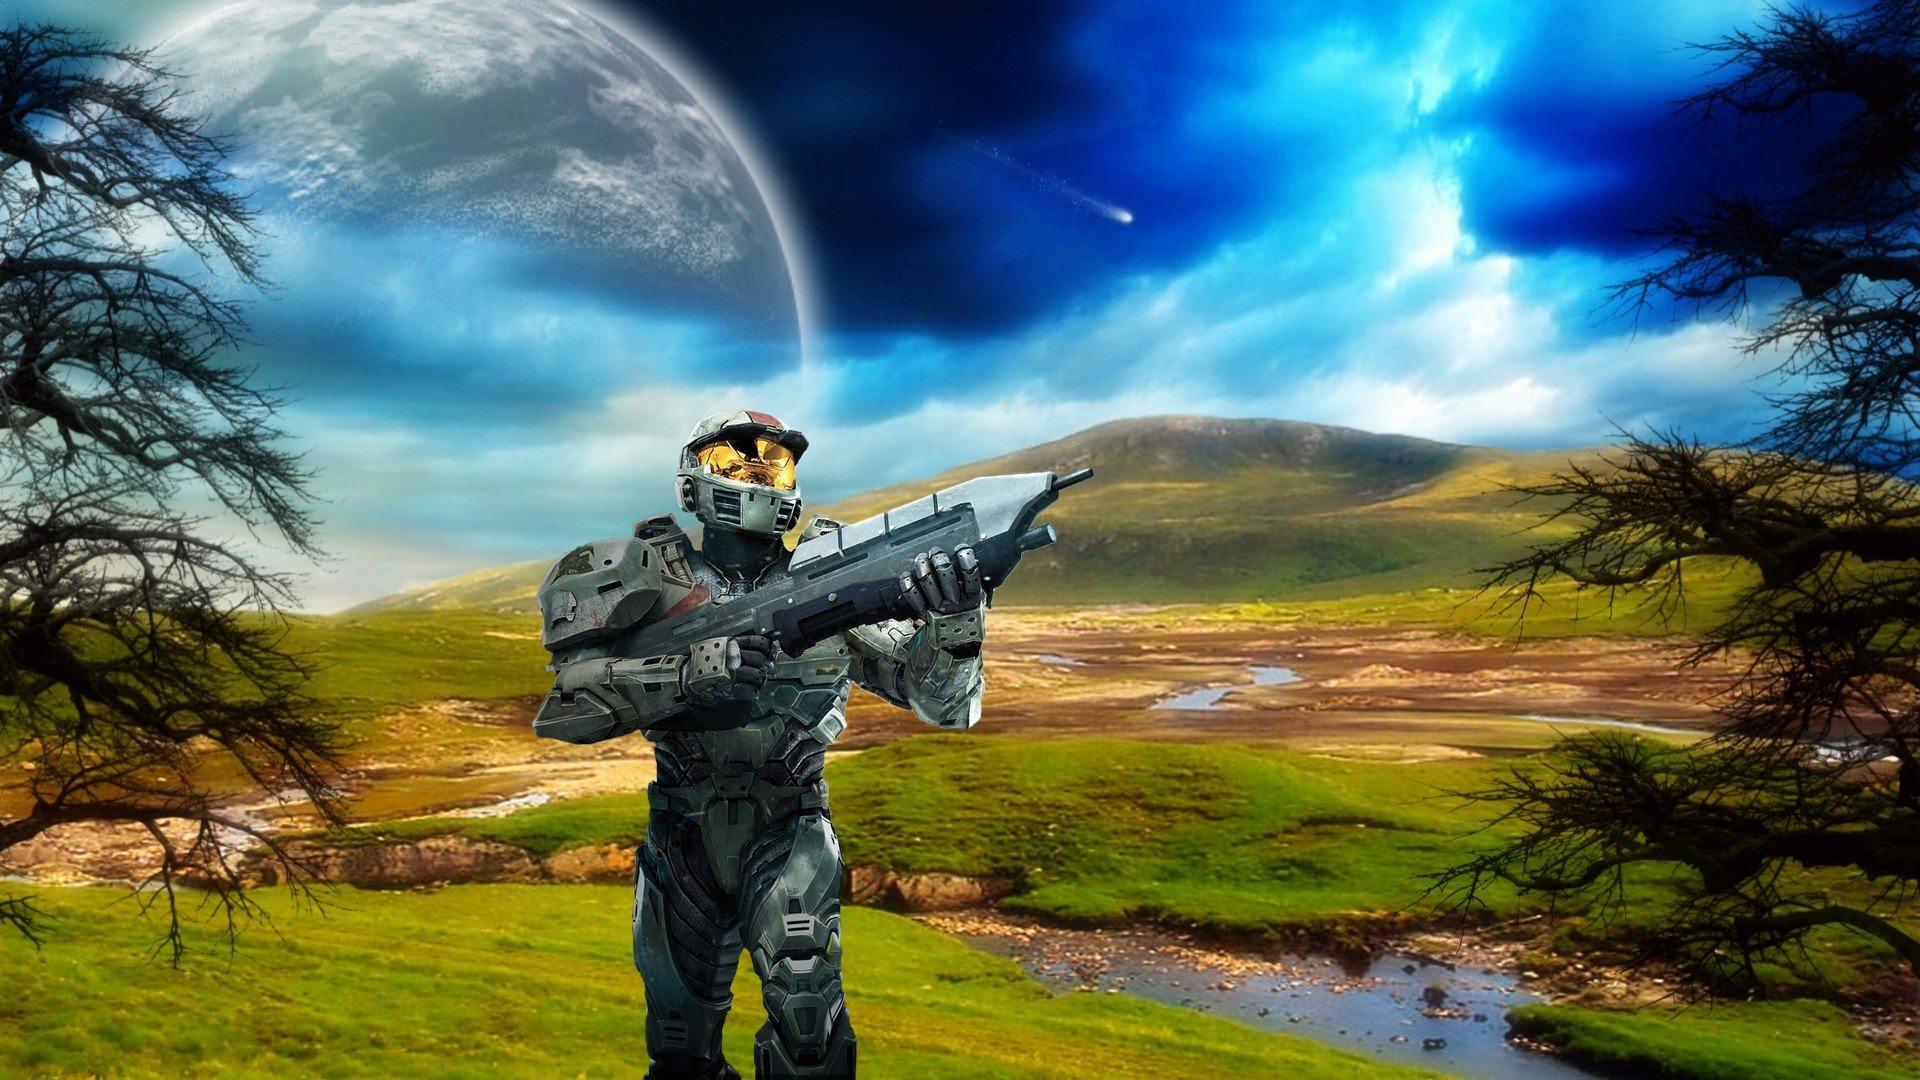 Halo Plain Planet Wallpaper